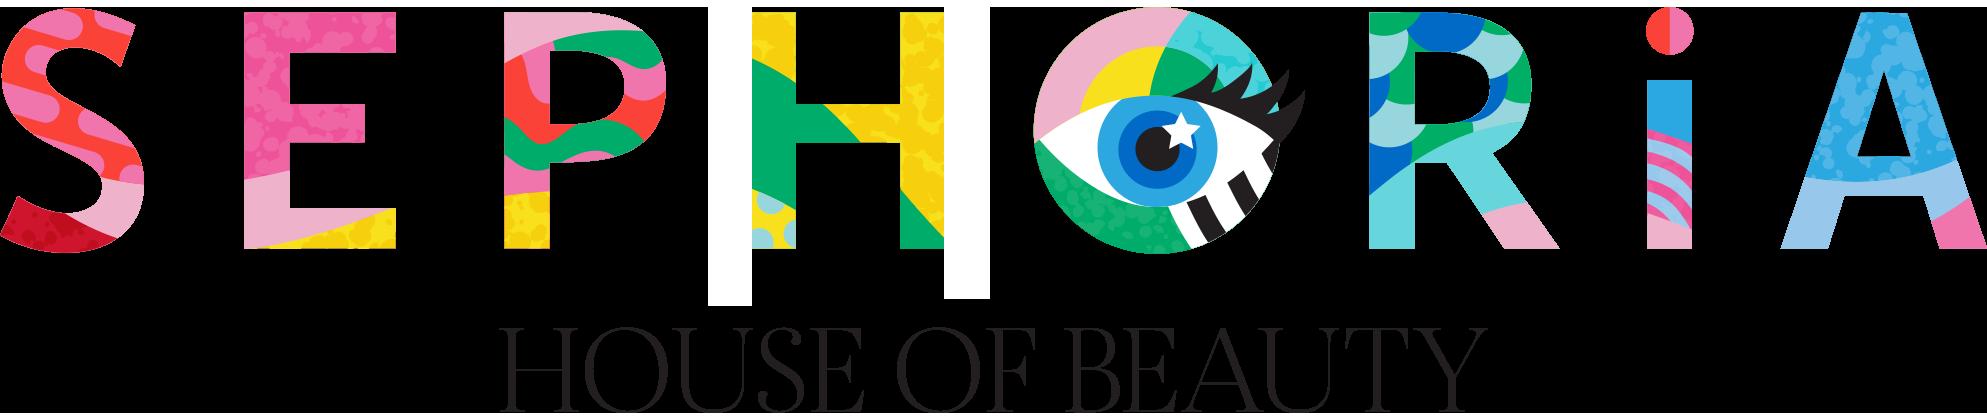 Sephoria_Logo_RGB_FINAL.png